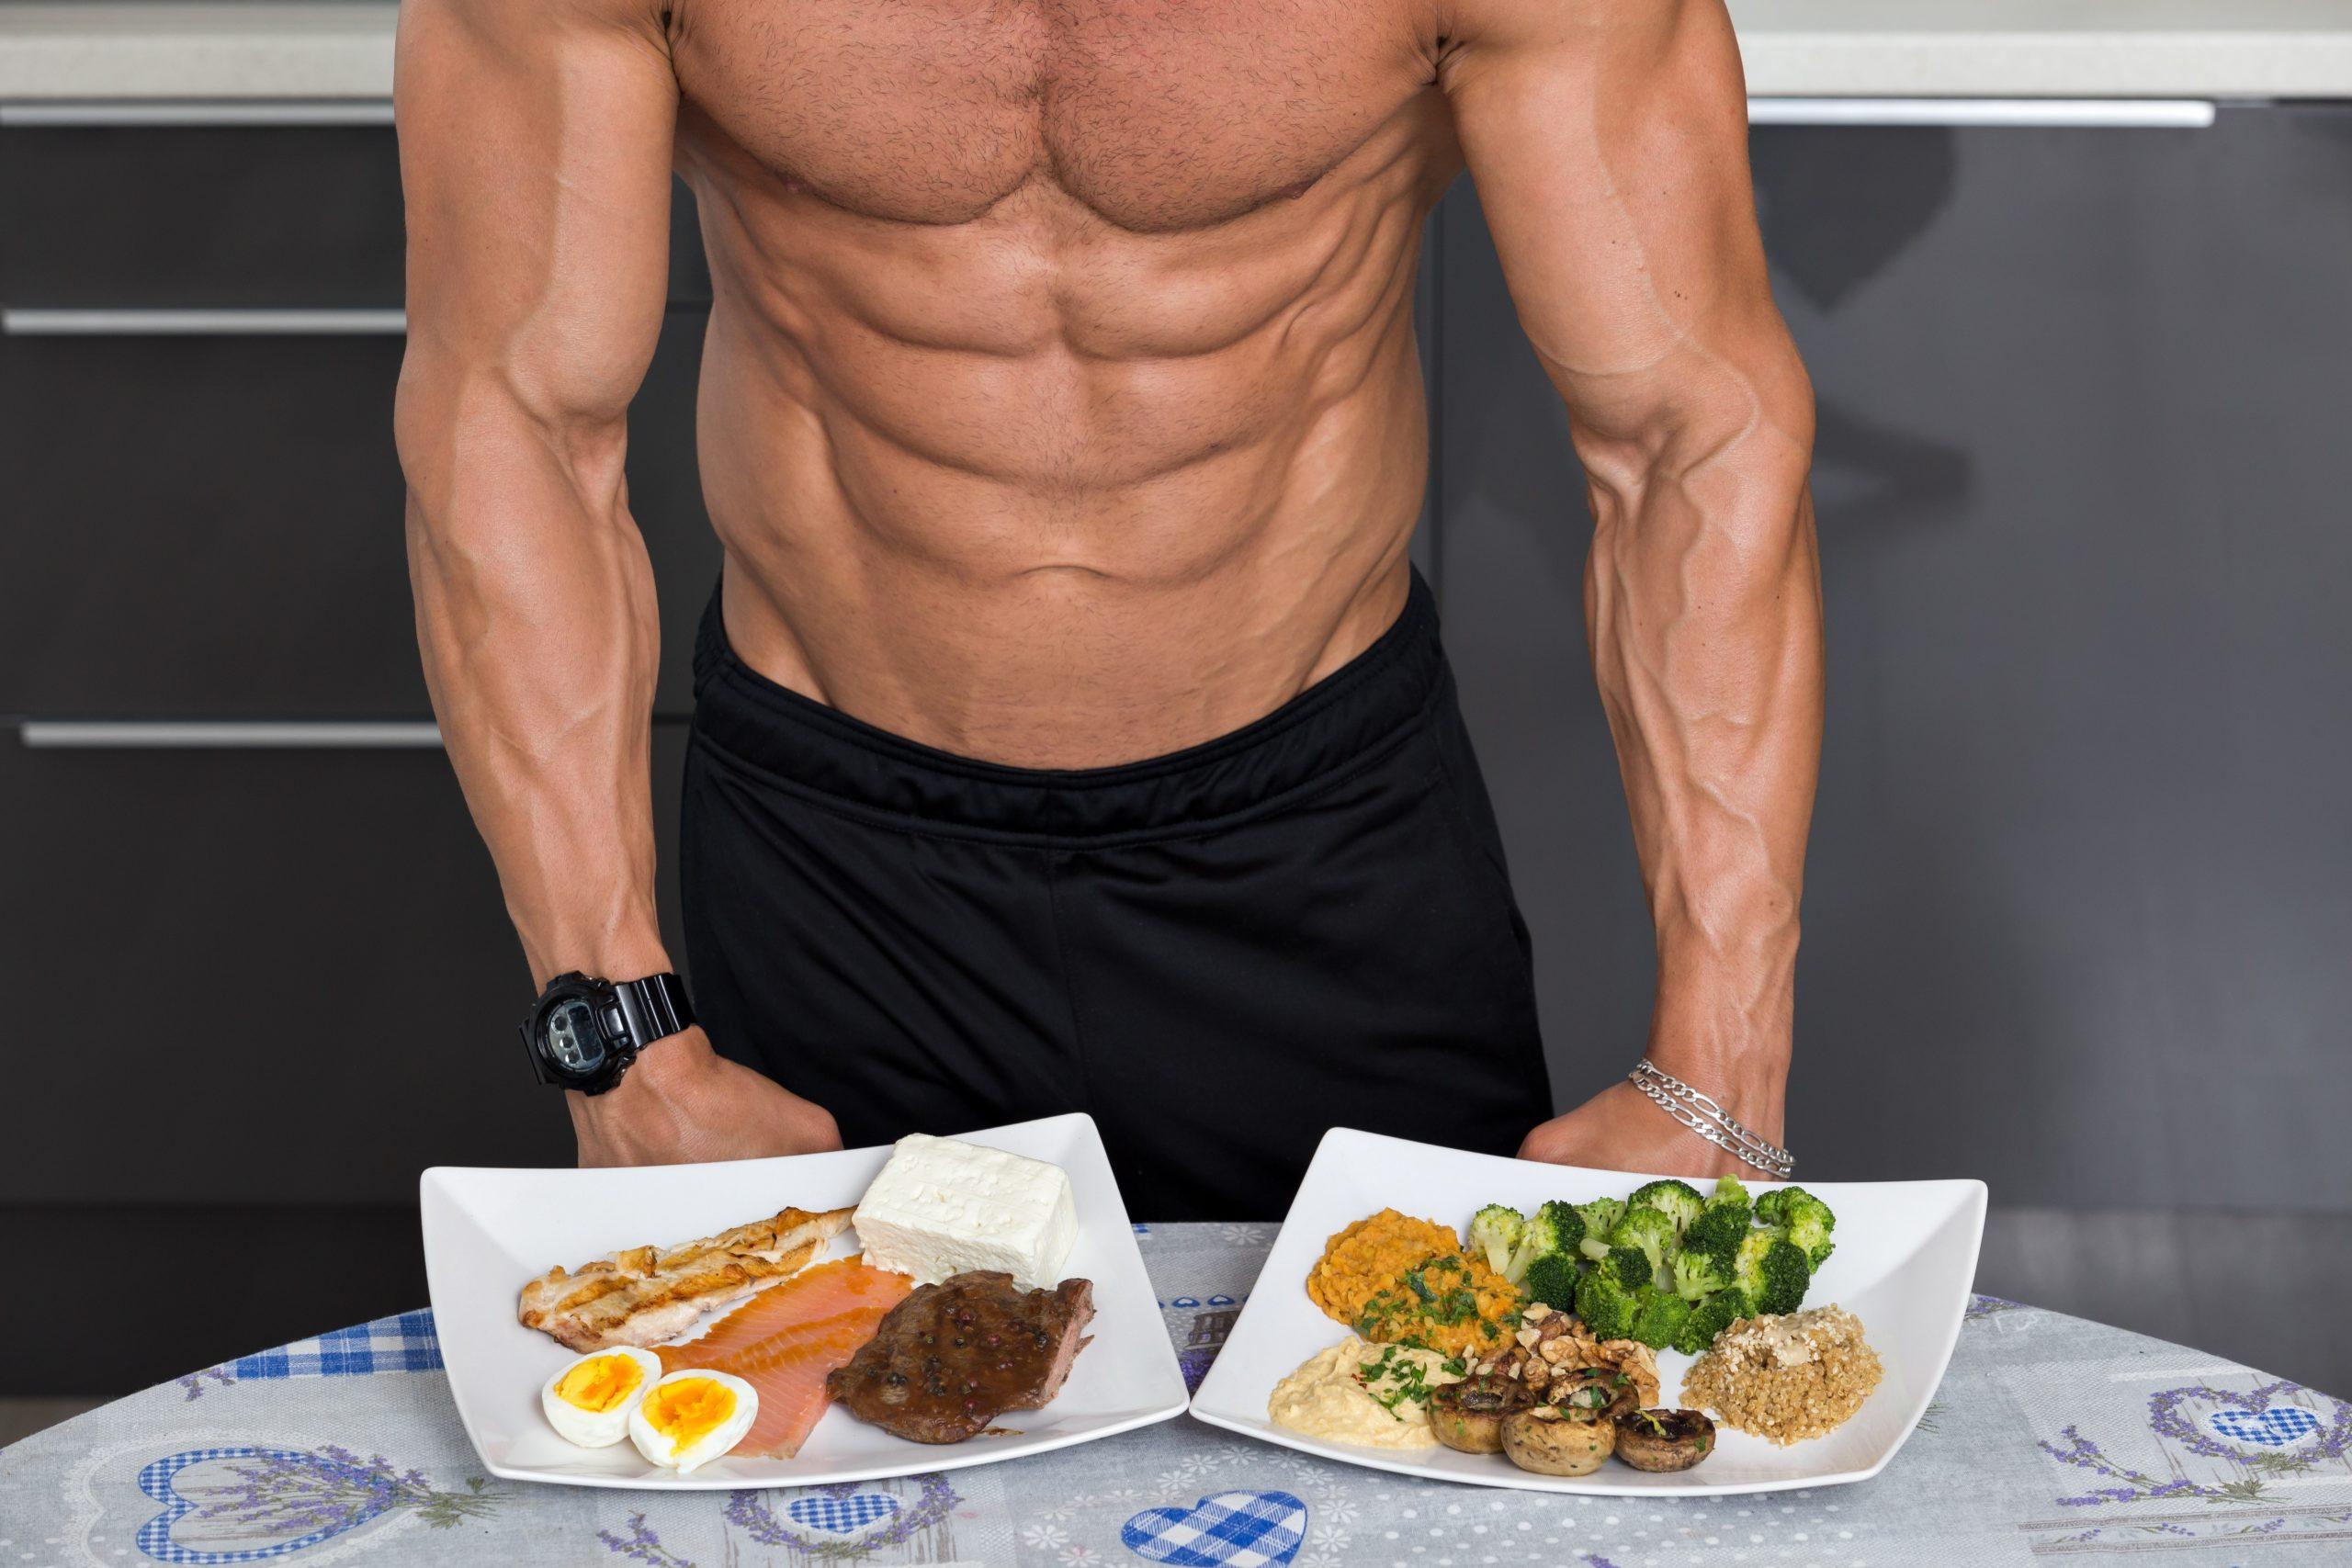 Что нельзя есть после тренировки?